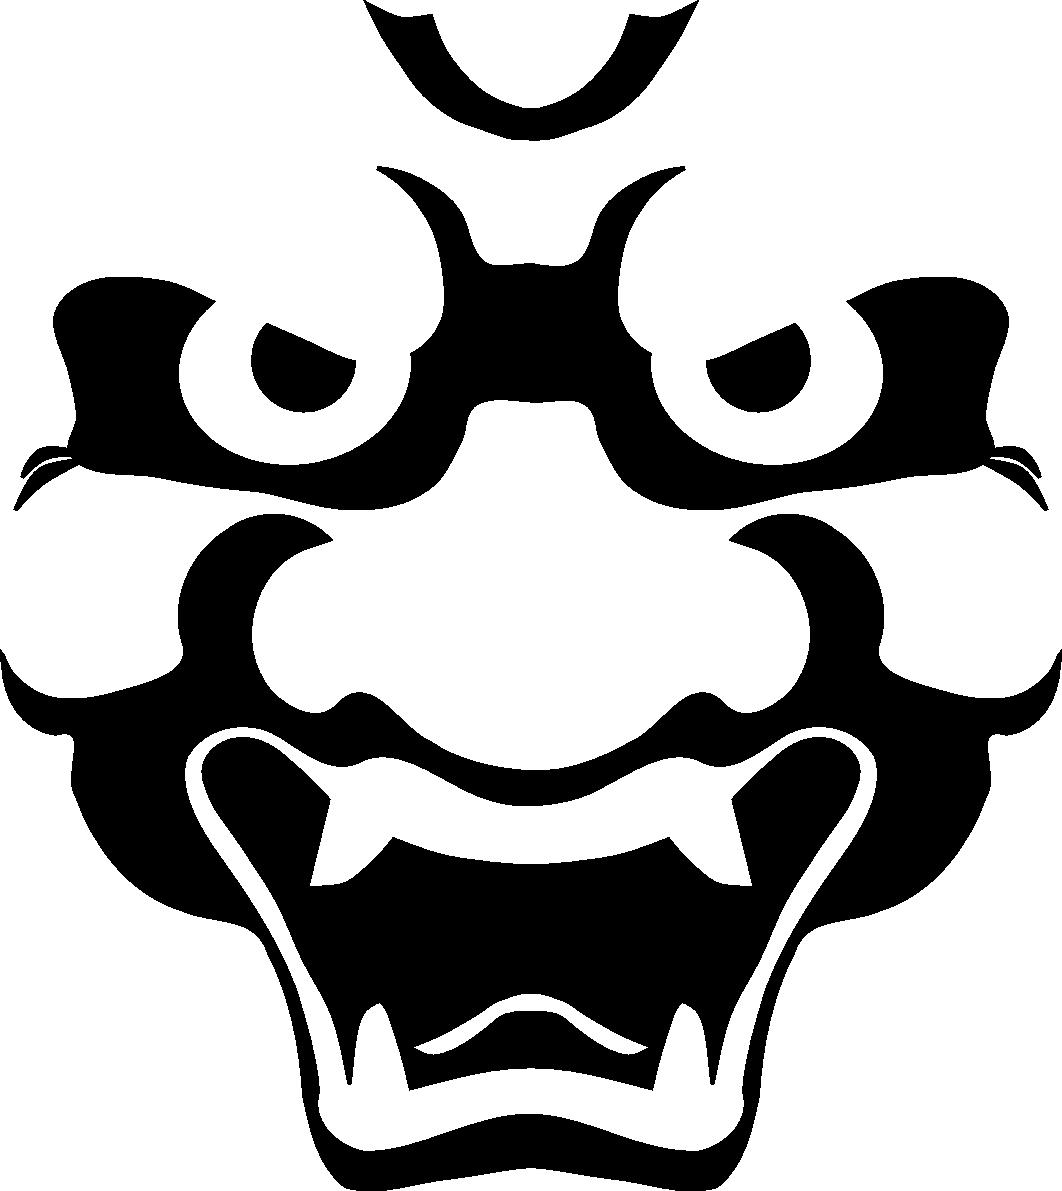 tengu_logo.png